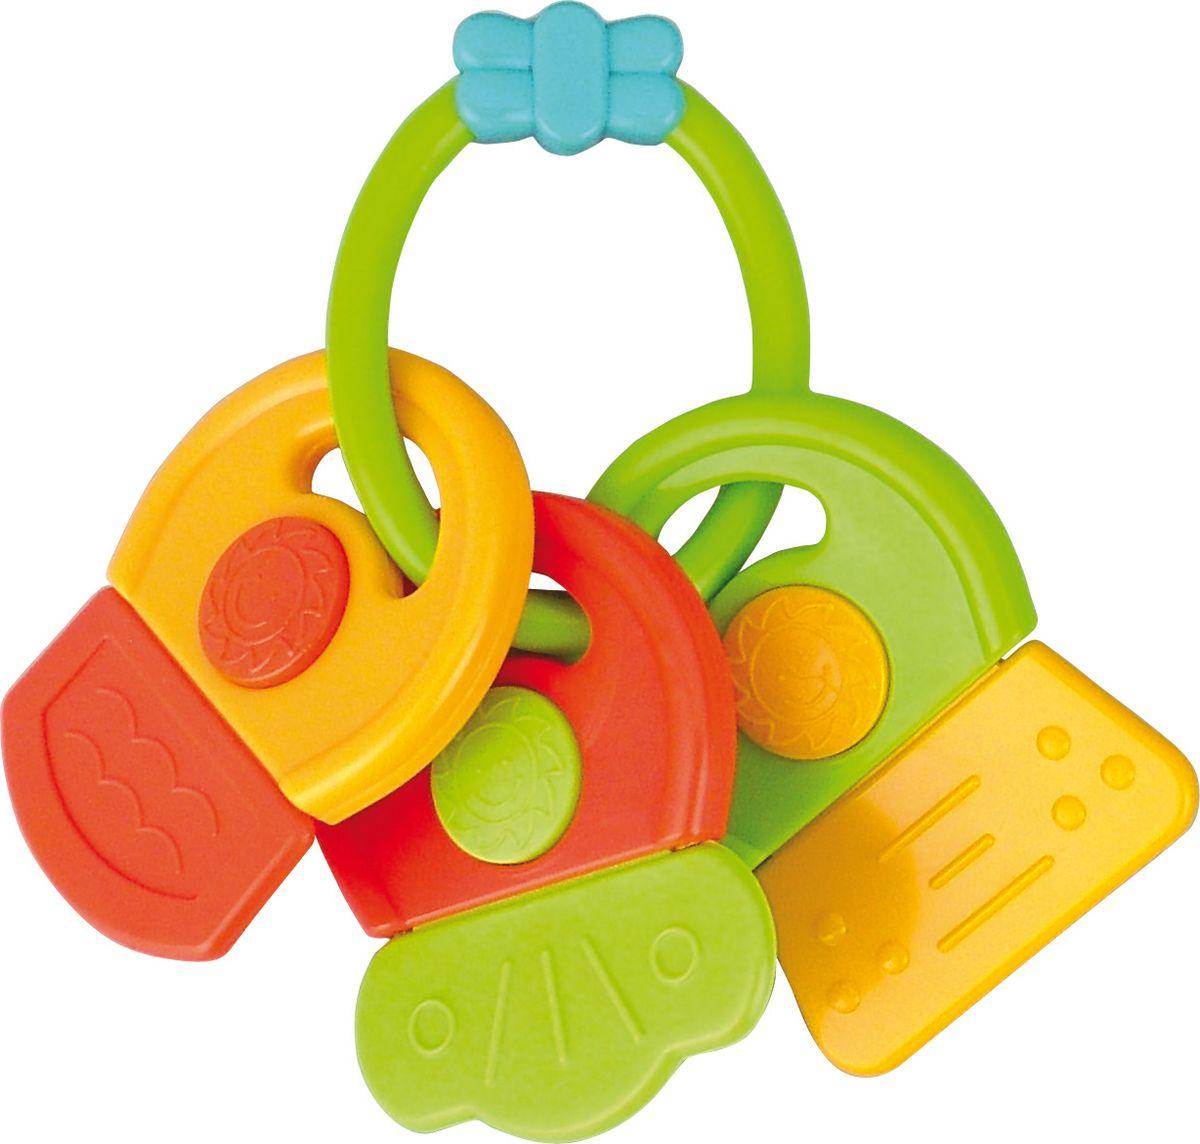 Canpol Babies Погремушка-прорезыватель Ключи с символами canpol babies погремушка прорезыватель ключи с символами цвет голубой зеленый